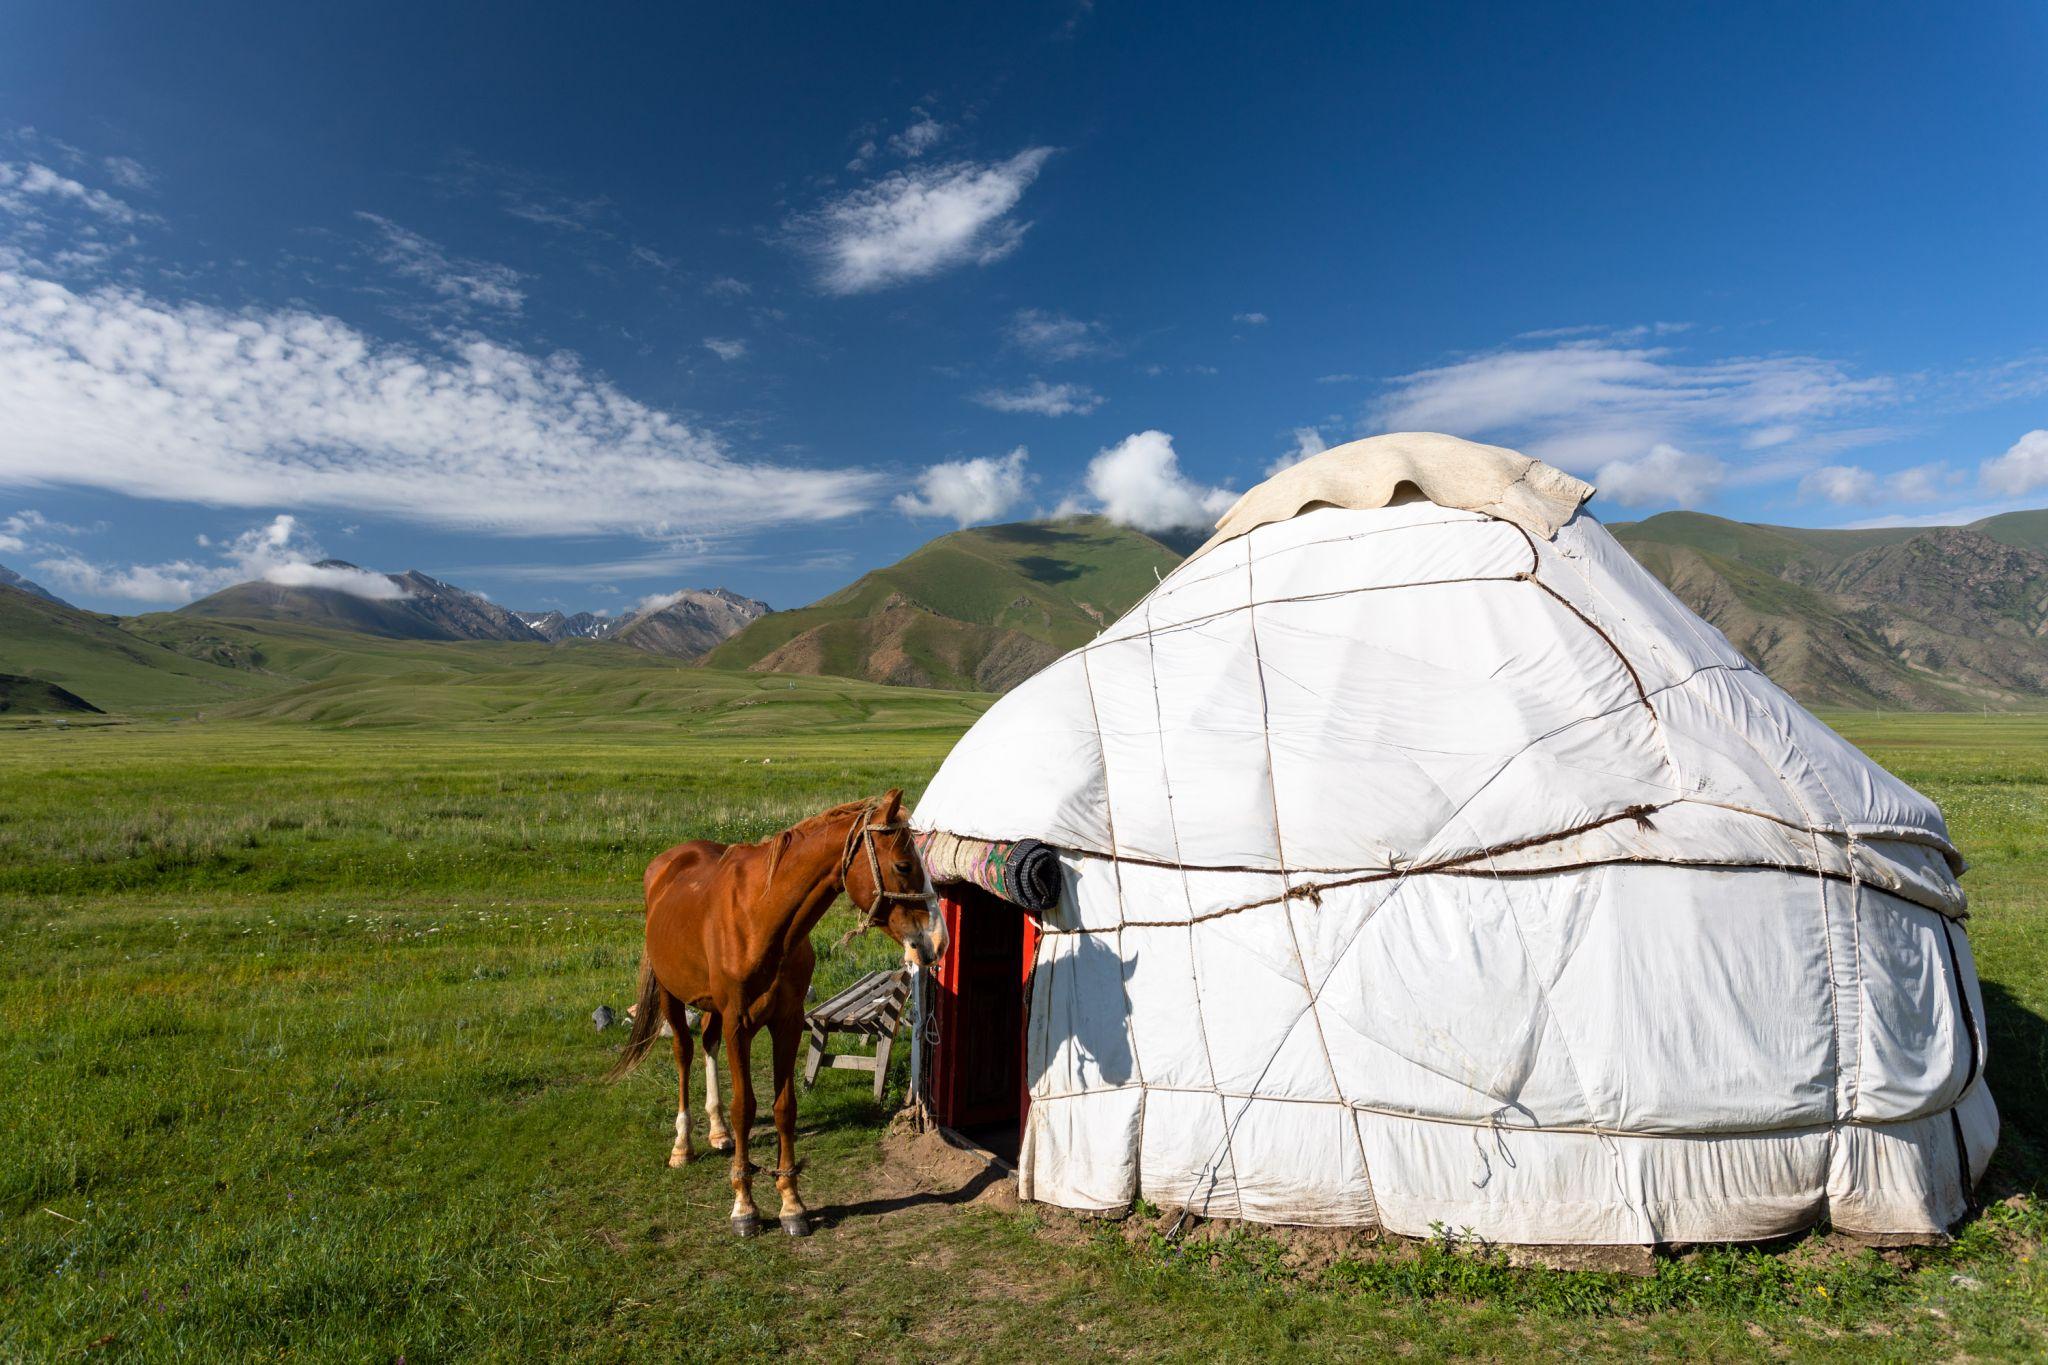 Jurtencamp bei Tarasu in Kirgistan, Kyrgyz Republic